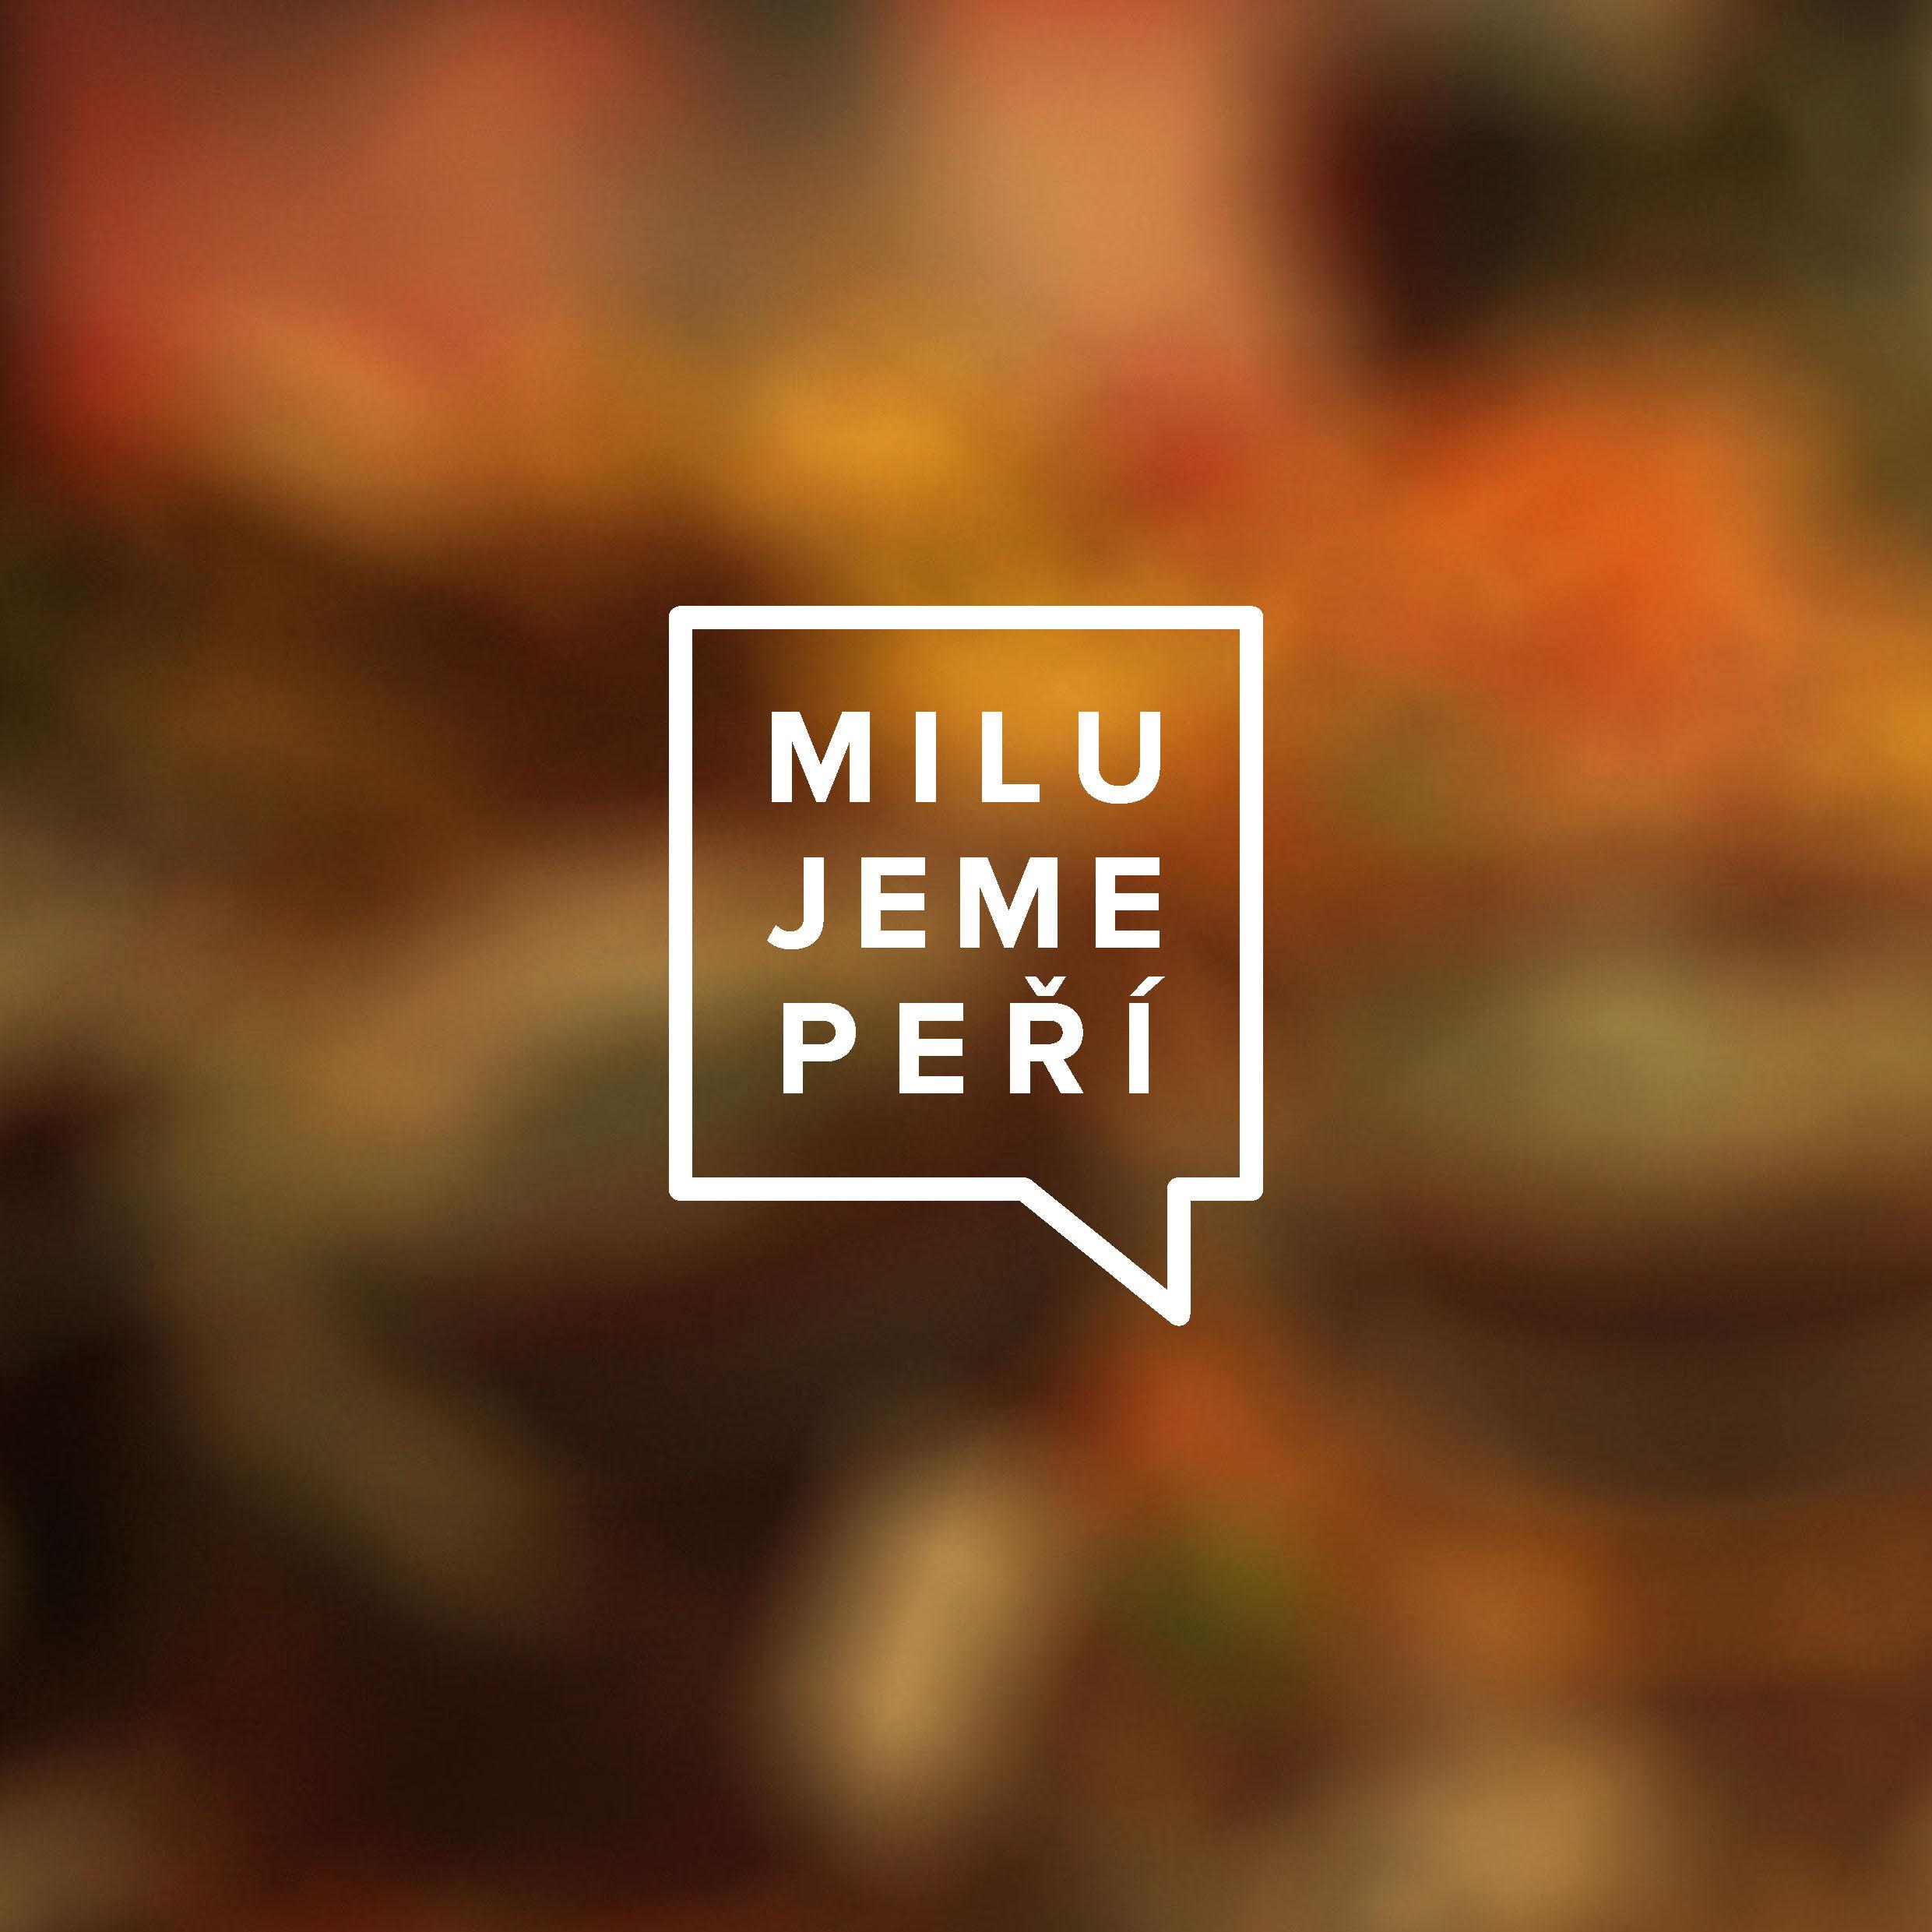 milujemeperi-logo_01